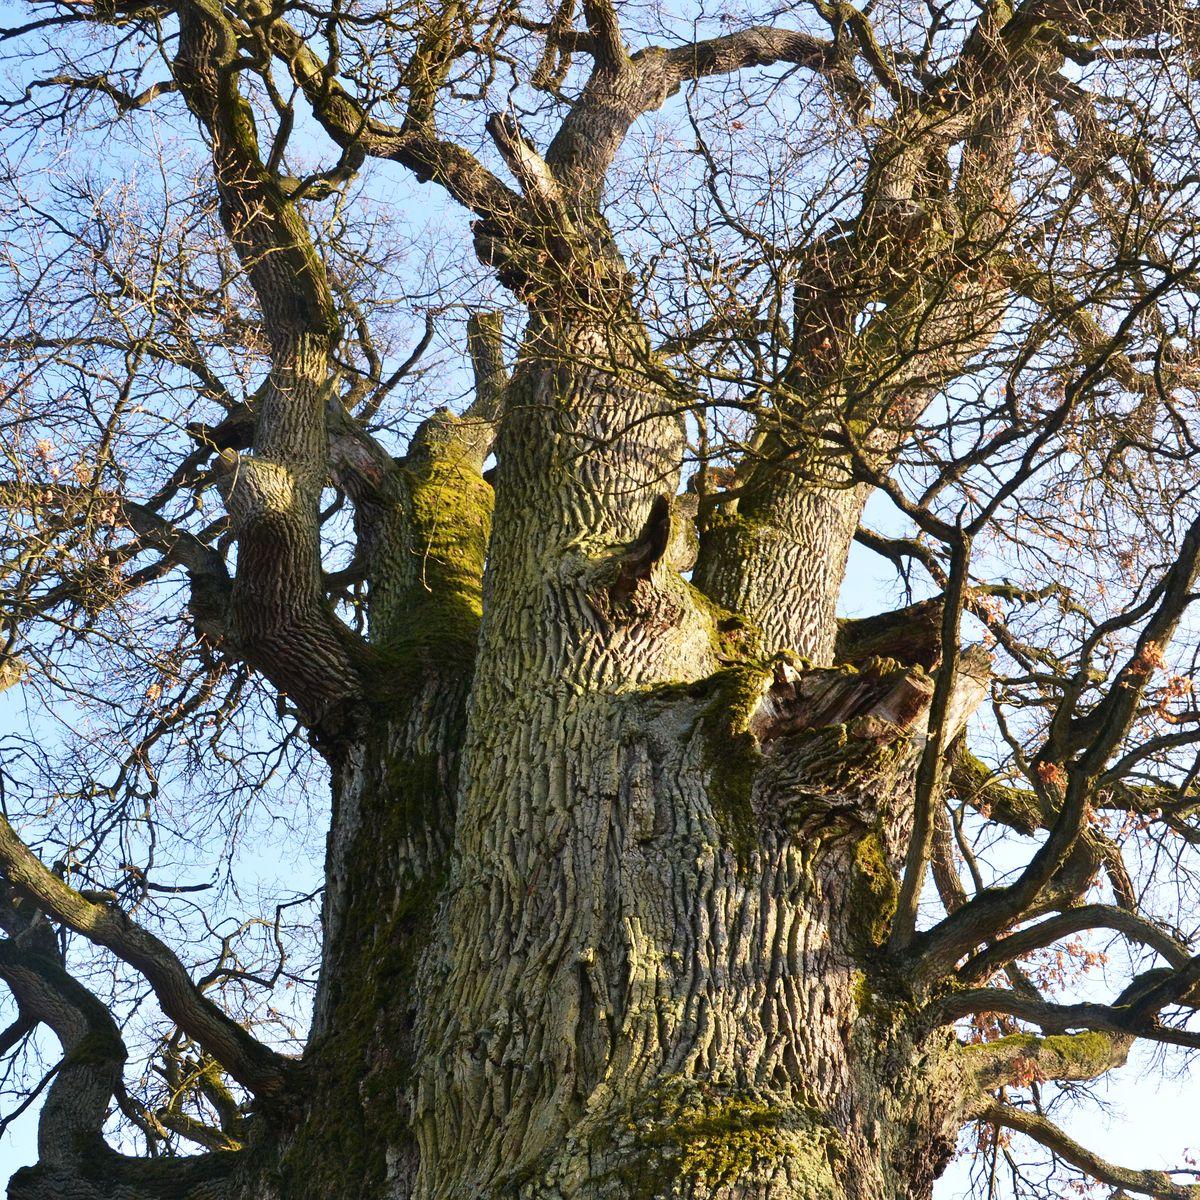 Berühmt Alte Eichen im Garten schneiden und pflegen? - Baumpflegeportal @FF_17